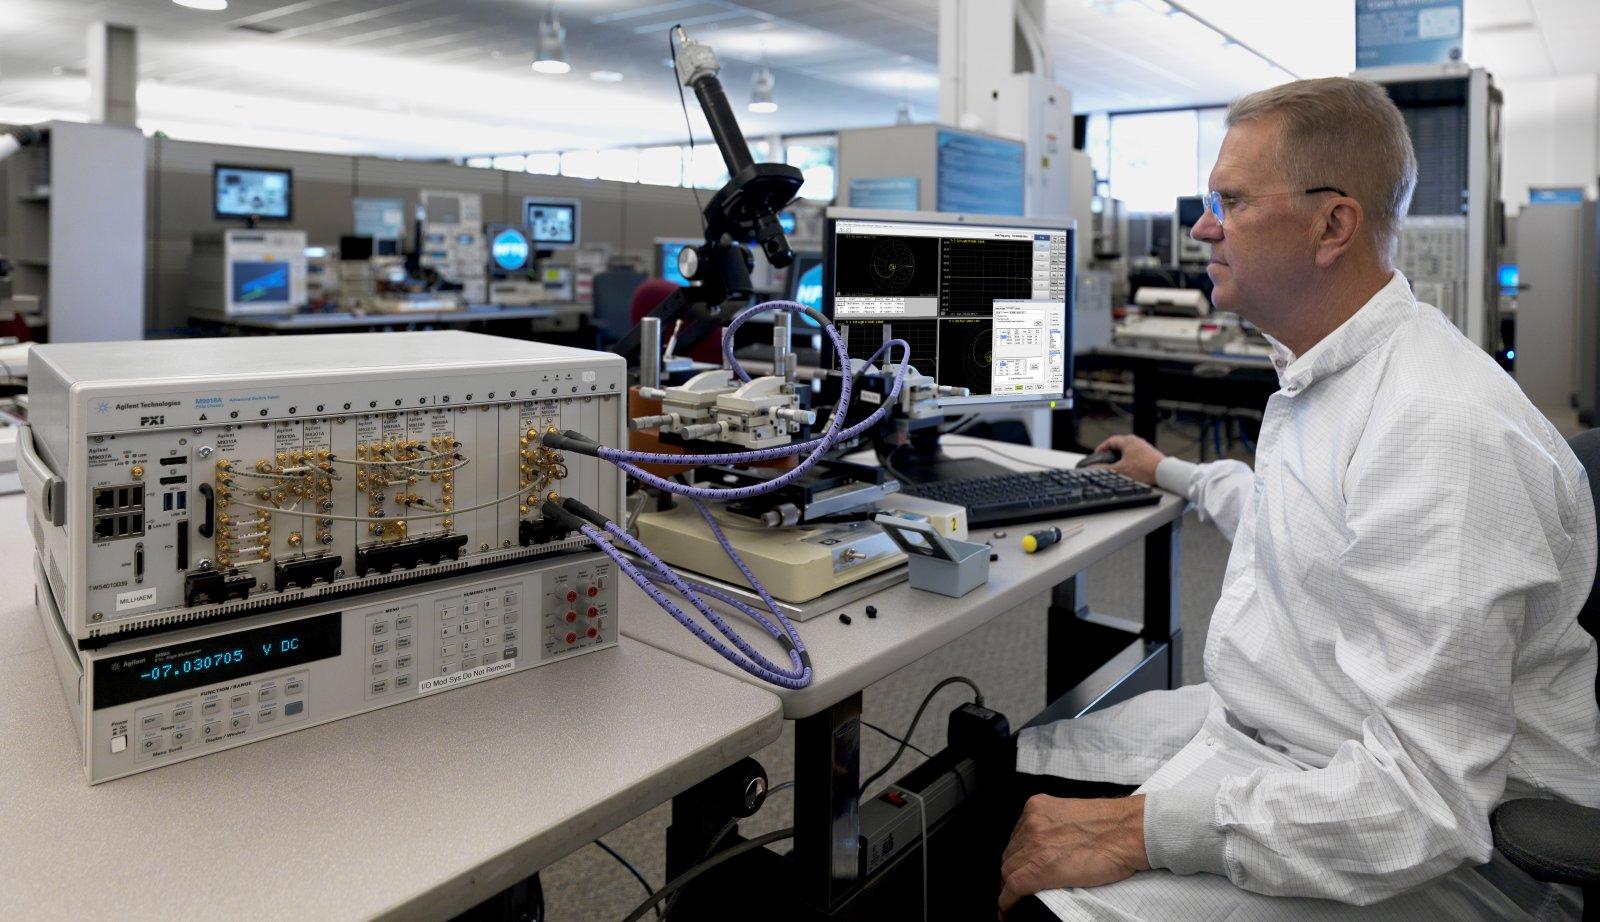 Векторные анализаторы цепей в формате PXI Keysight серии M937xA внесены в Госреестр СИ РФ